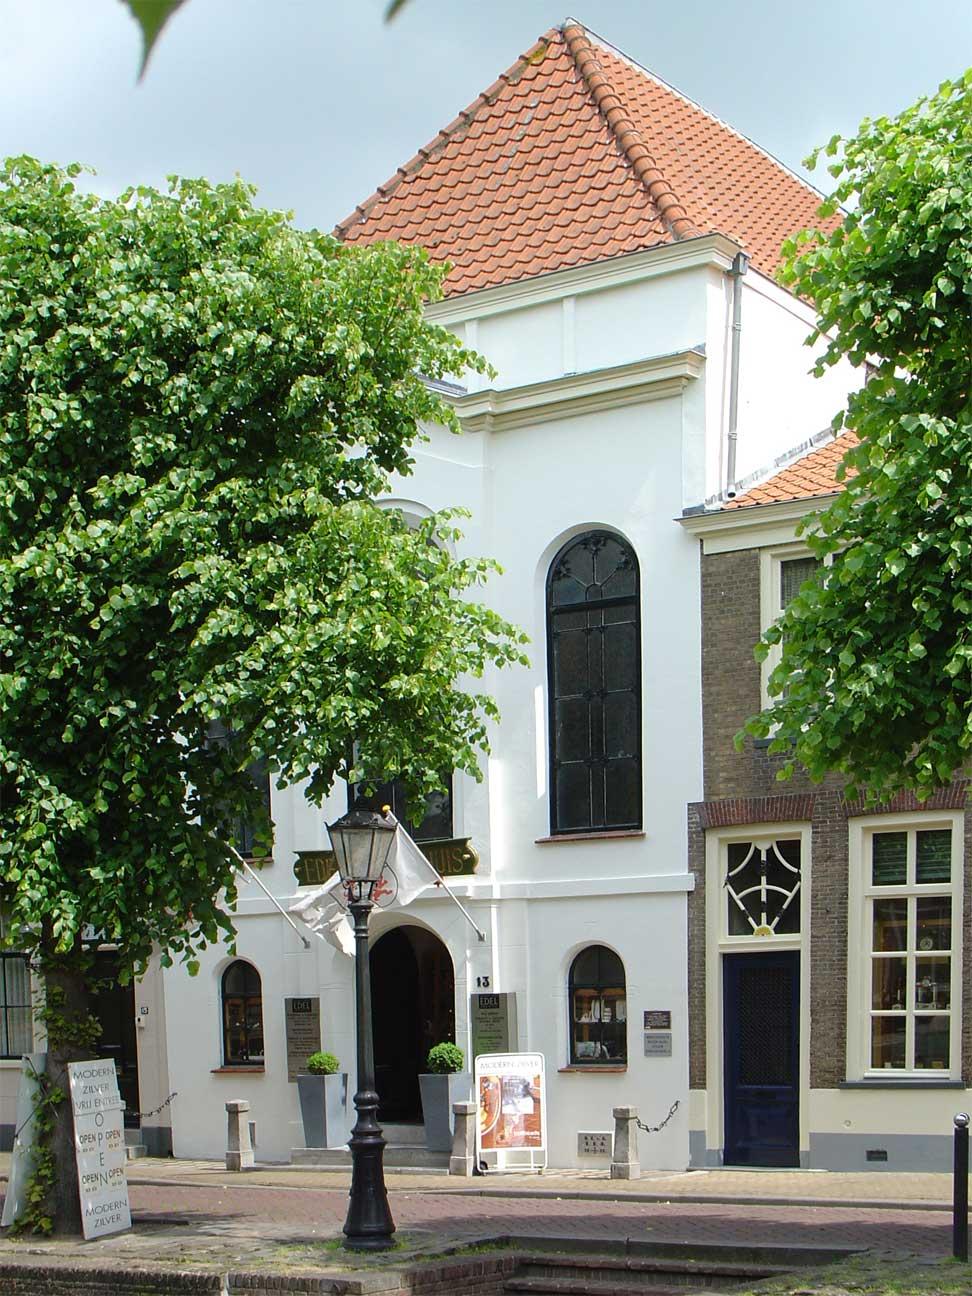 De voormalige synagoge in Schoonhoven, foto van Jan Lafeber